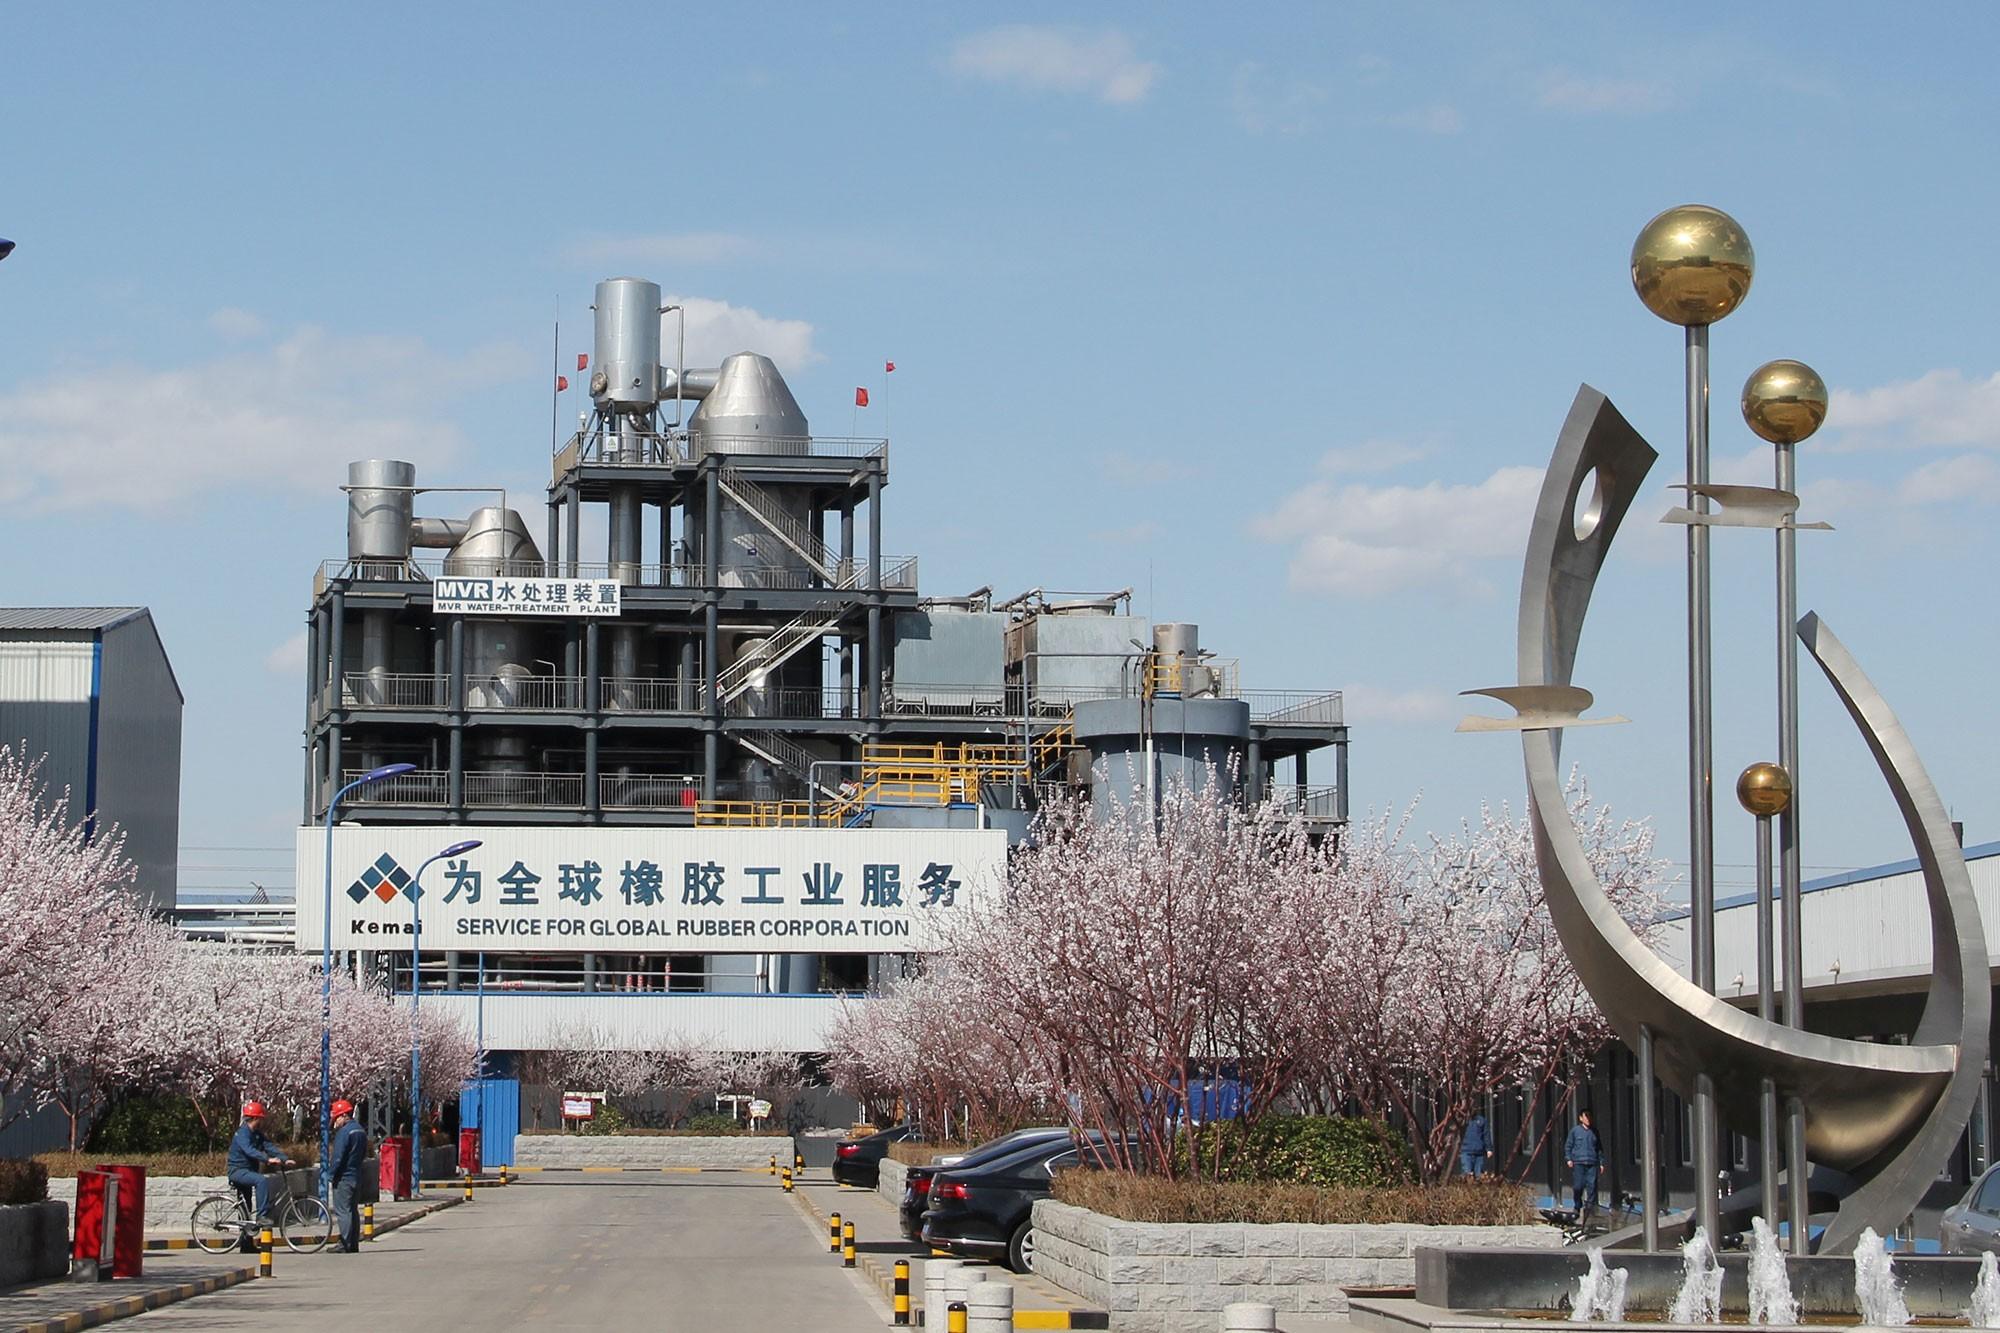 《中国环境报》专访报道:科迈化工引领行业绿色发展